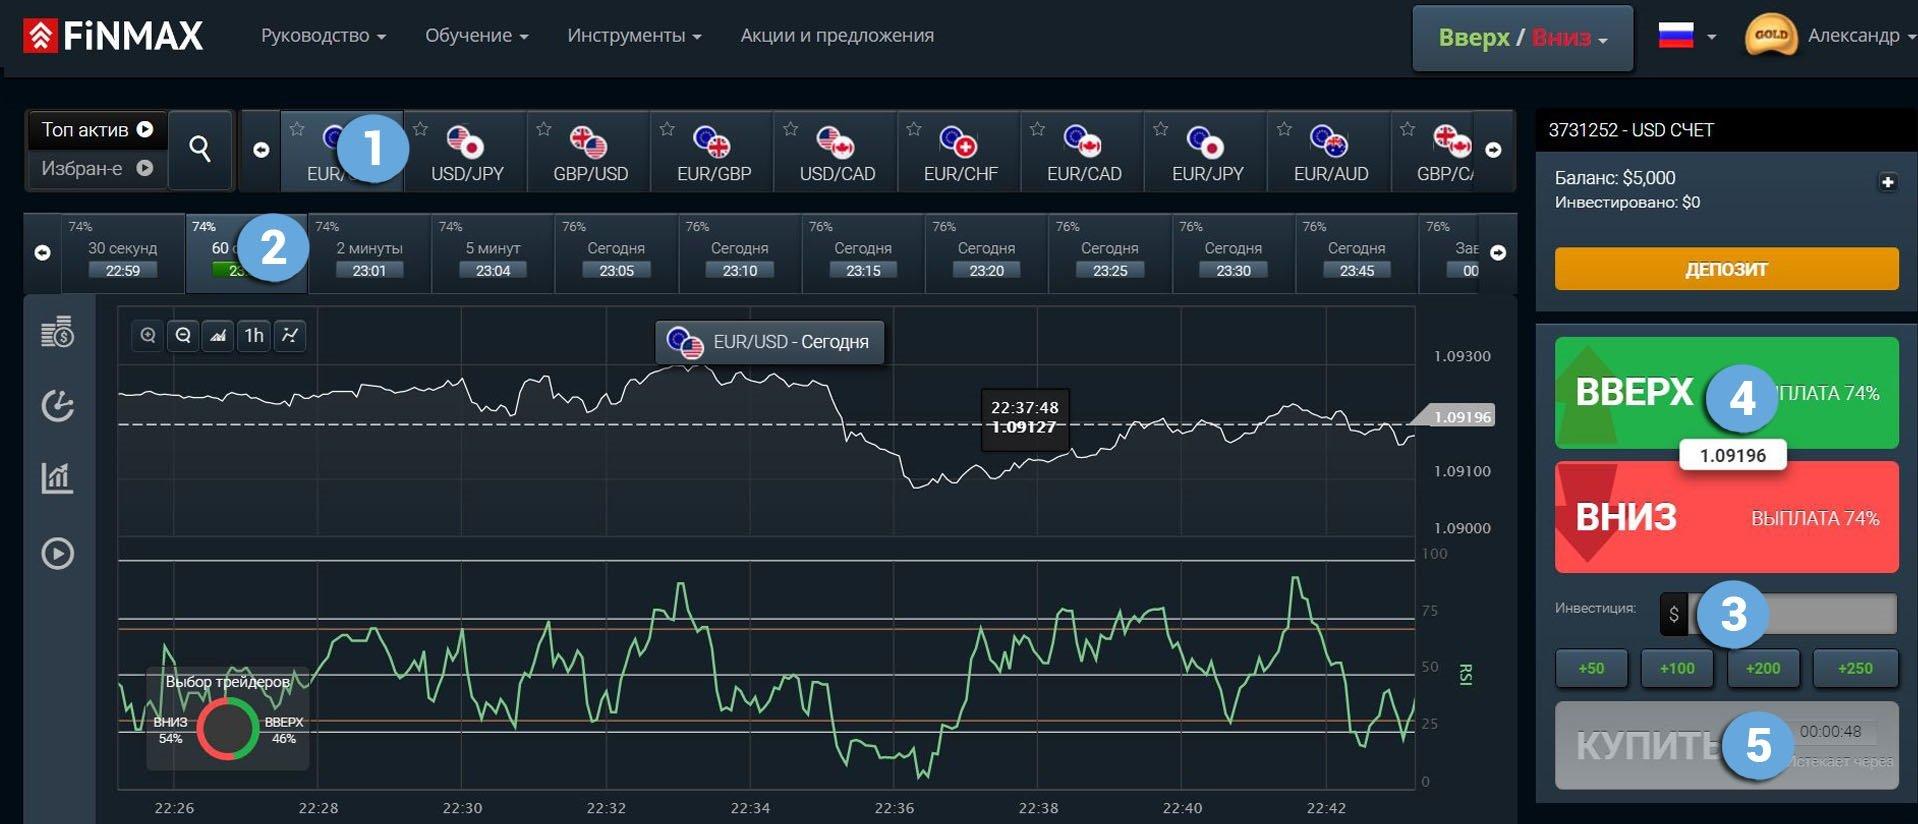 Возможности восходящей тенденции в цене у брокера Finmax